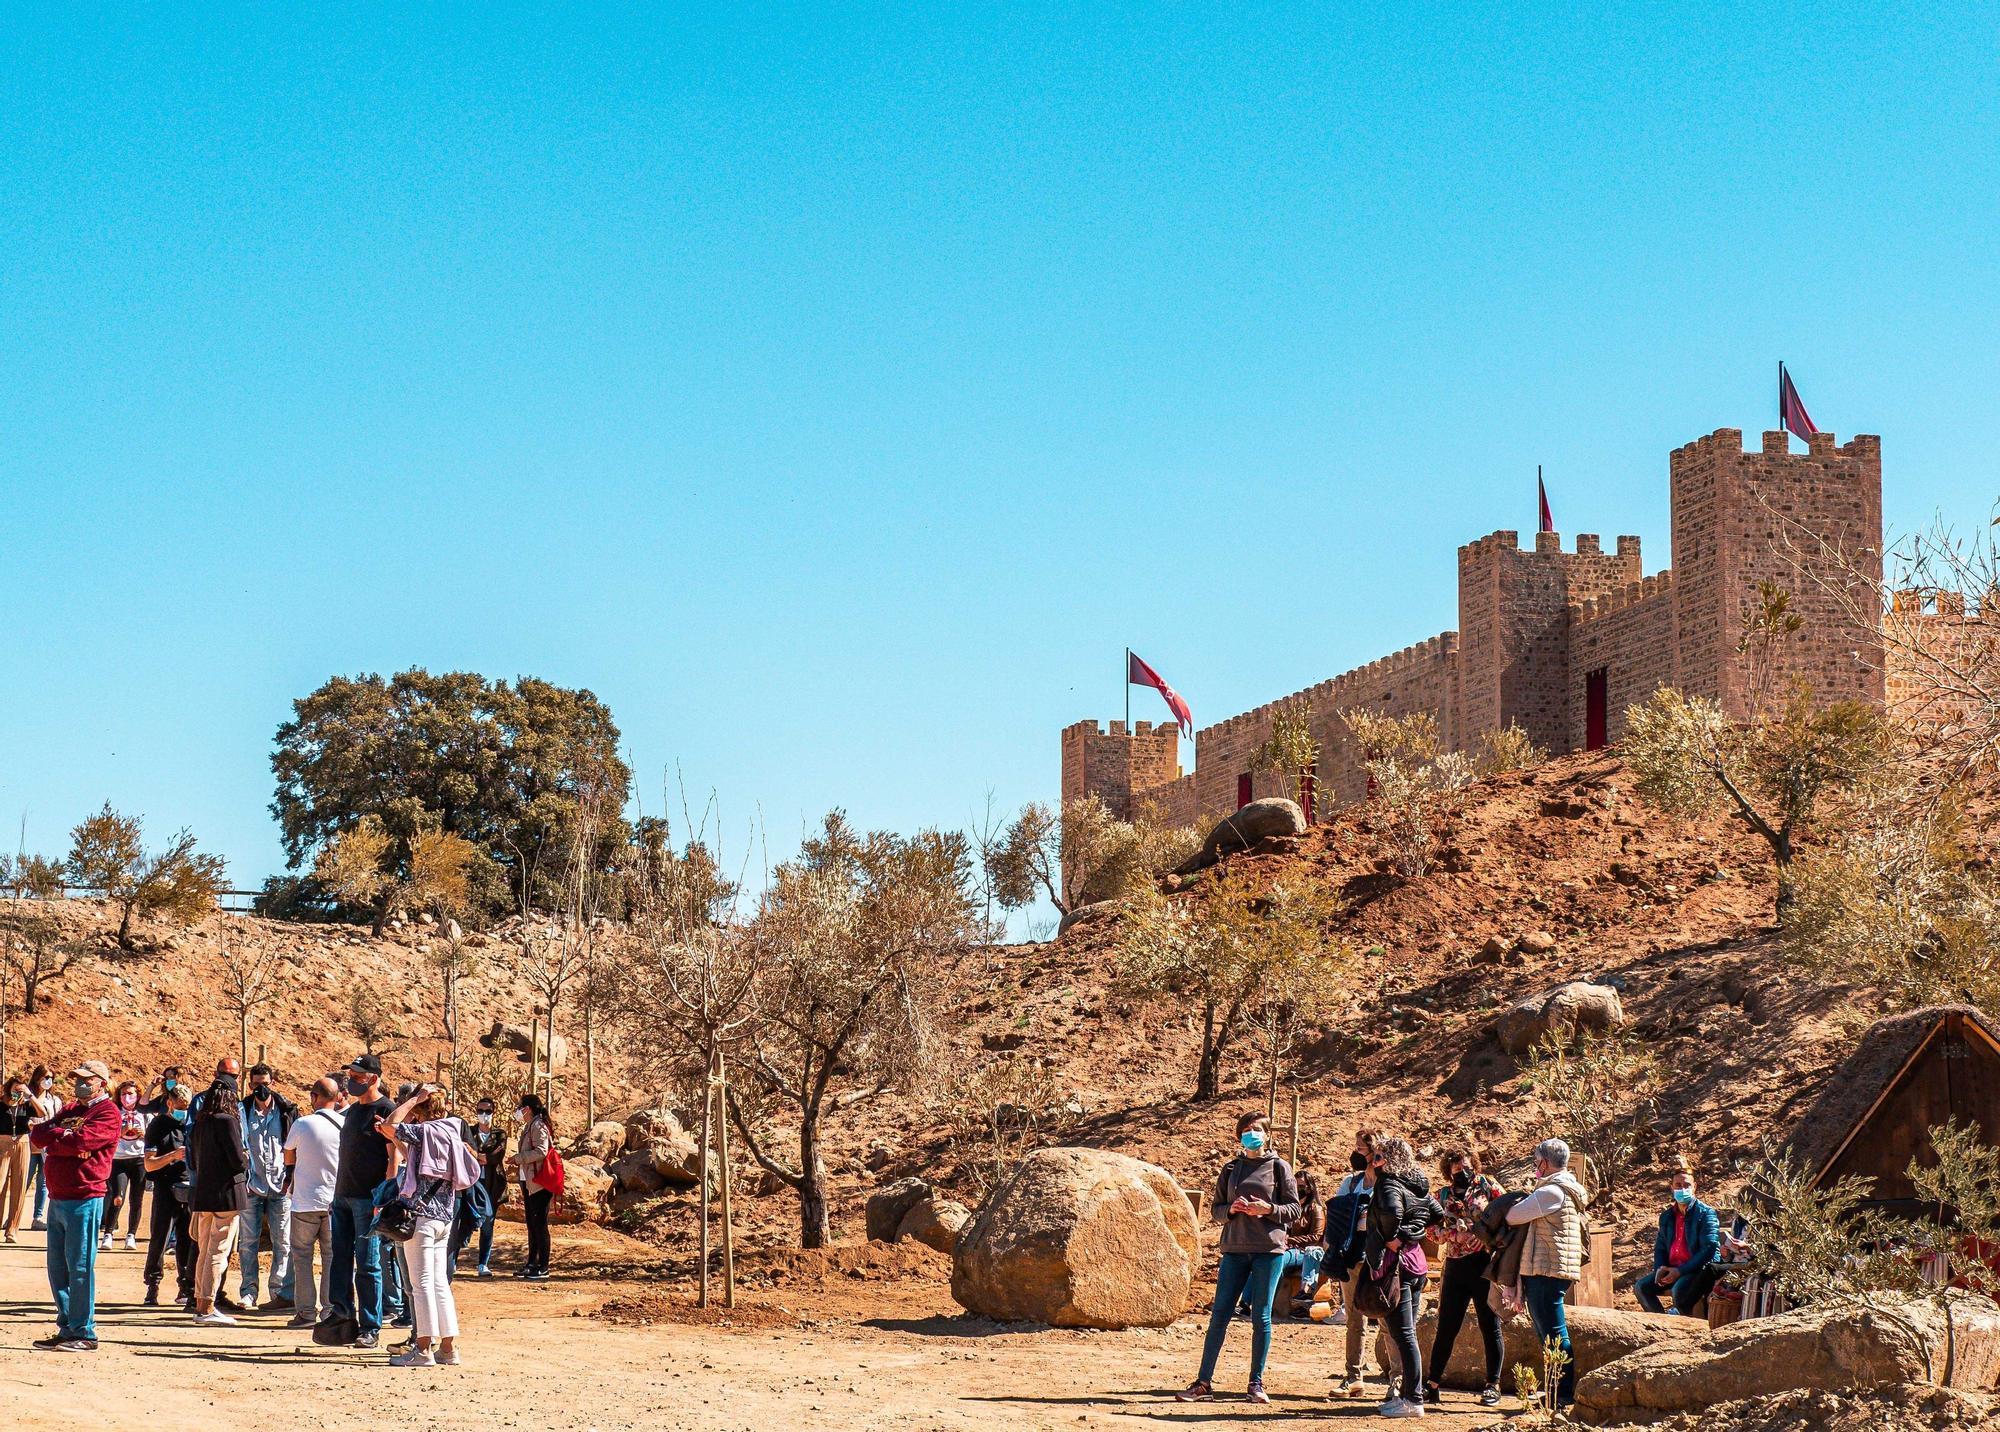 Un centenar de aves protagonizan la refriega en Simancas entre Abderramán III y el conde Fernán González